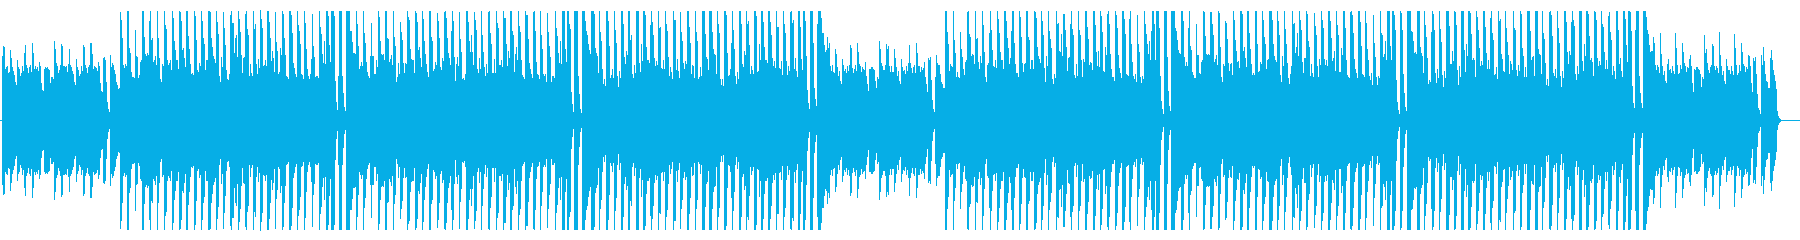 ほのぼのとしたかわいいピアノとアコギの曲の再生済みの波形